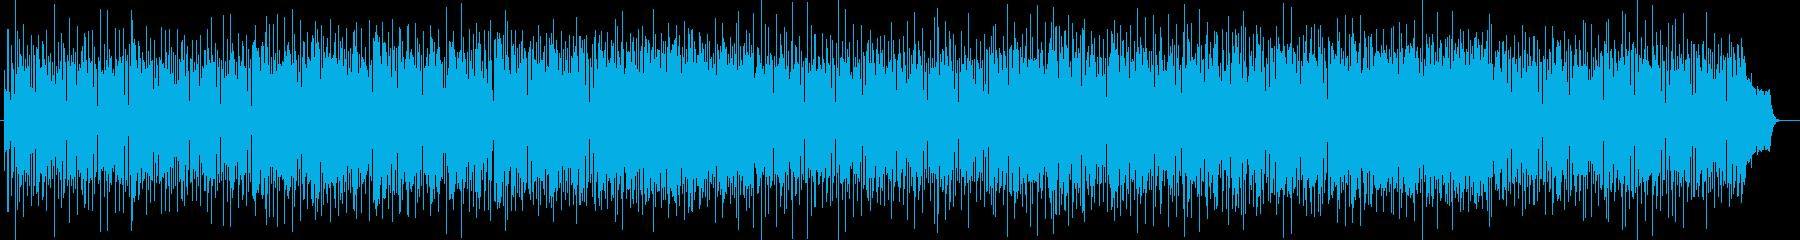 疾走感のあるシンセ・ギター・ドラム曲の再生済みの波形